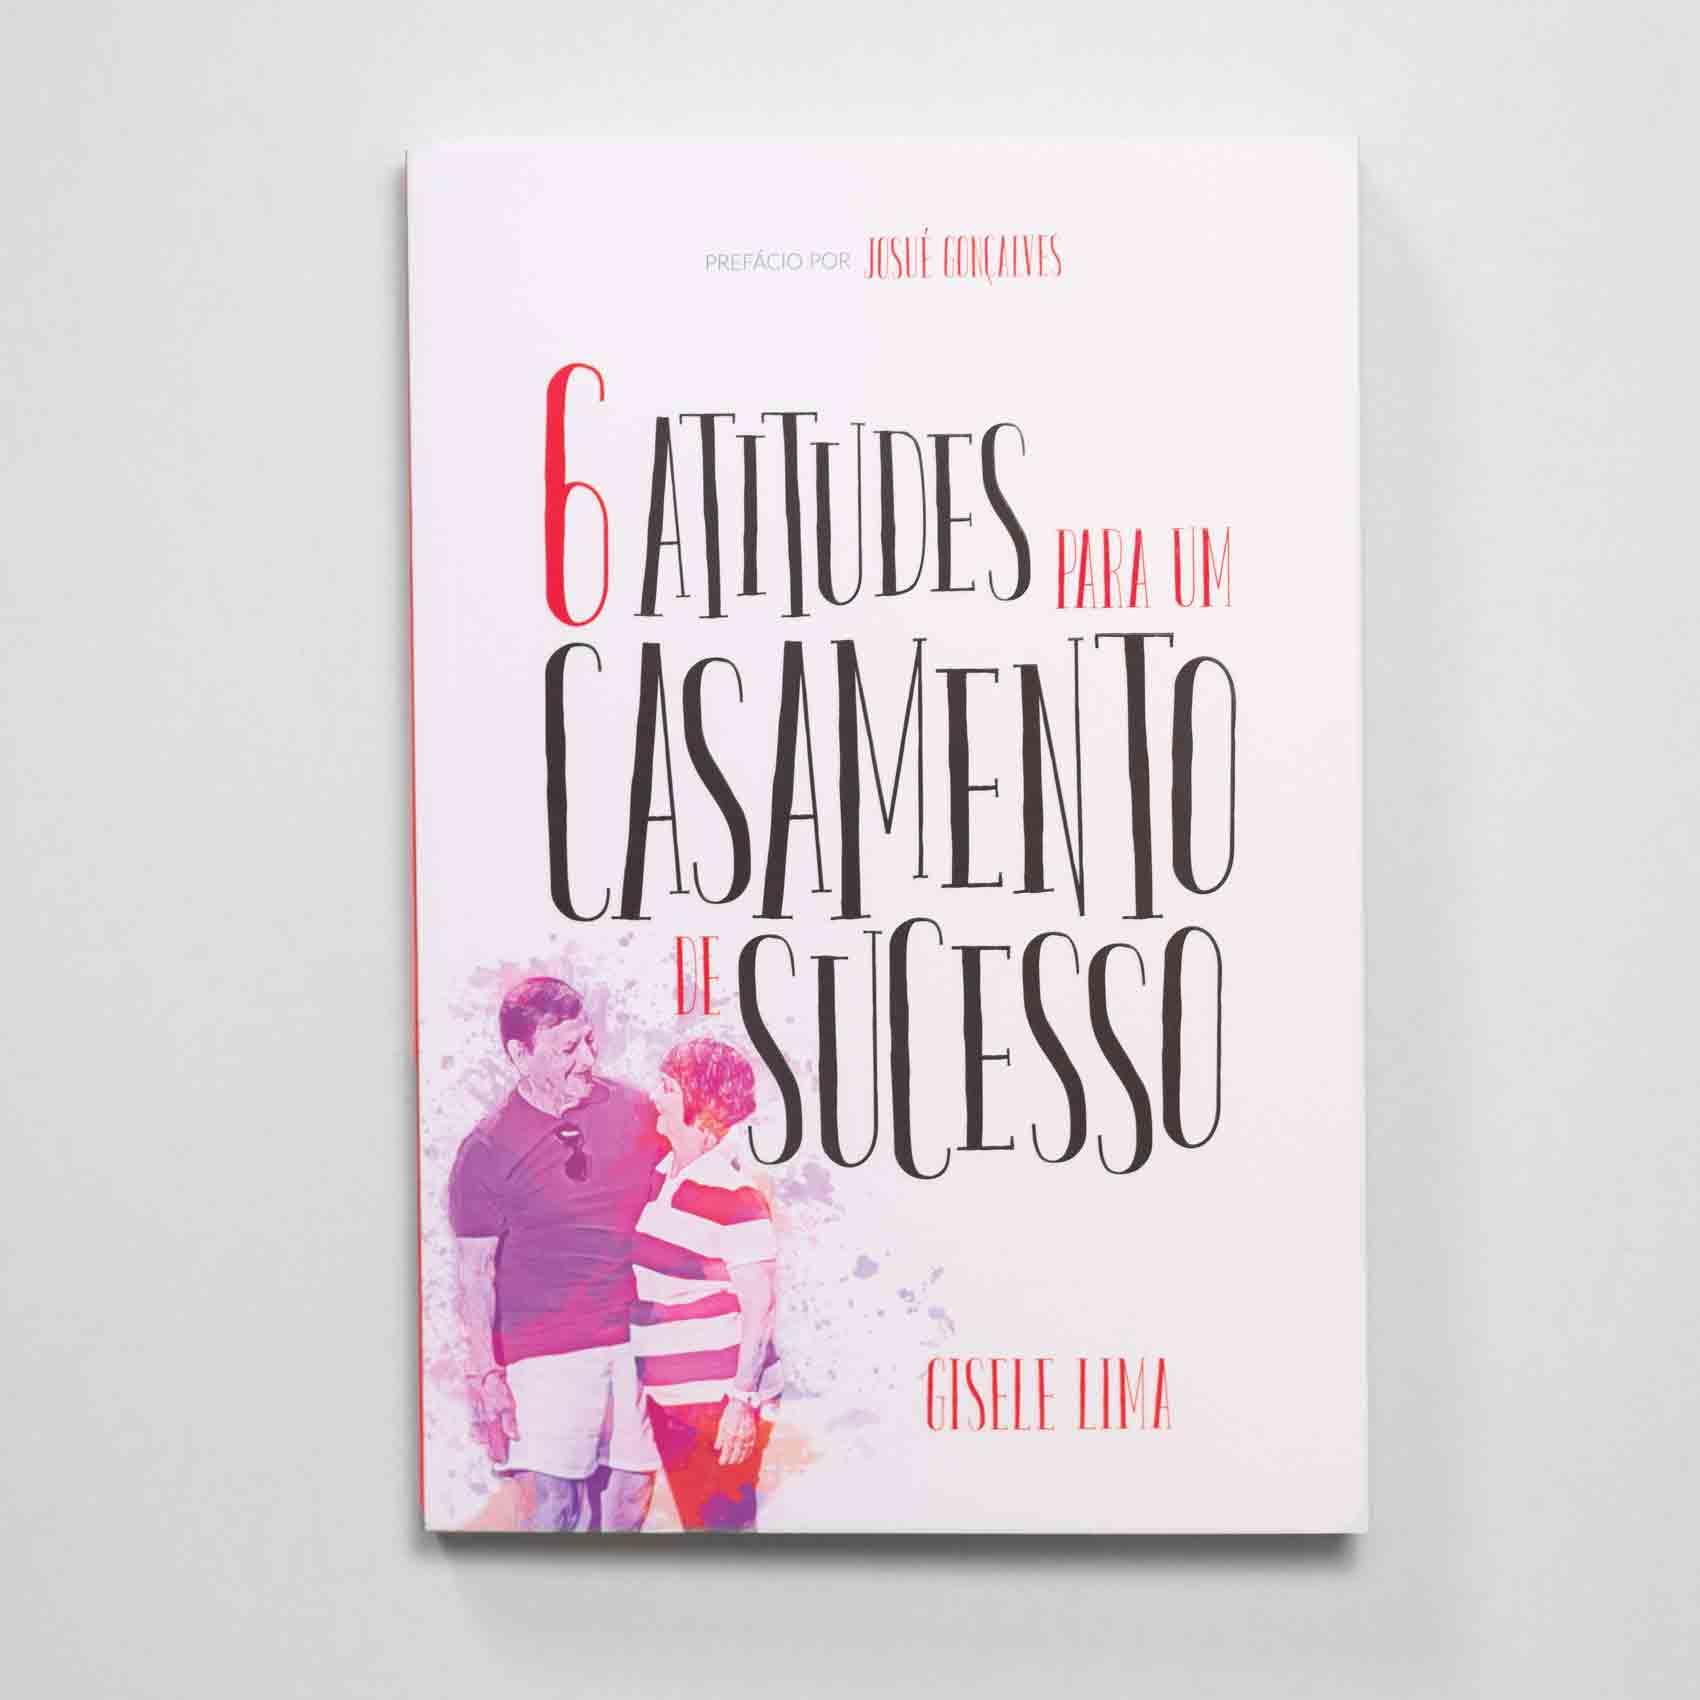 LIVRO - 6 atitudes para um casamento de sucesso  - Loja Amo Família